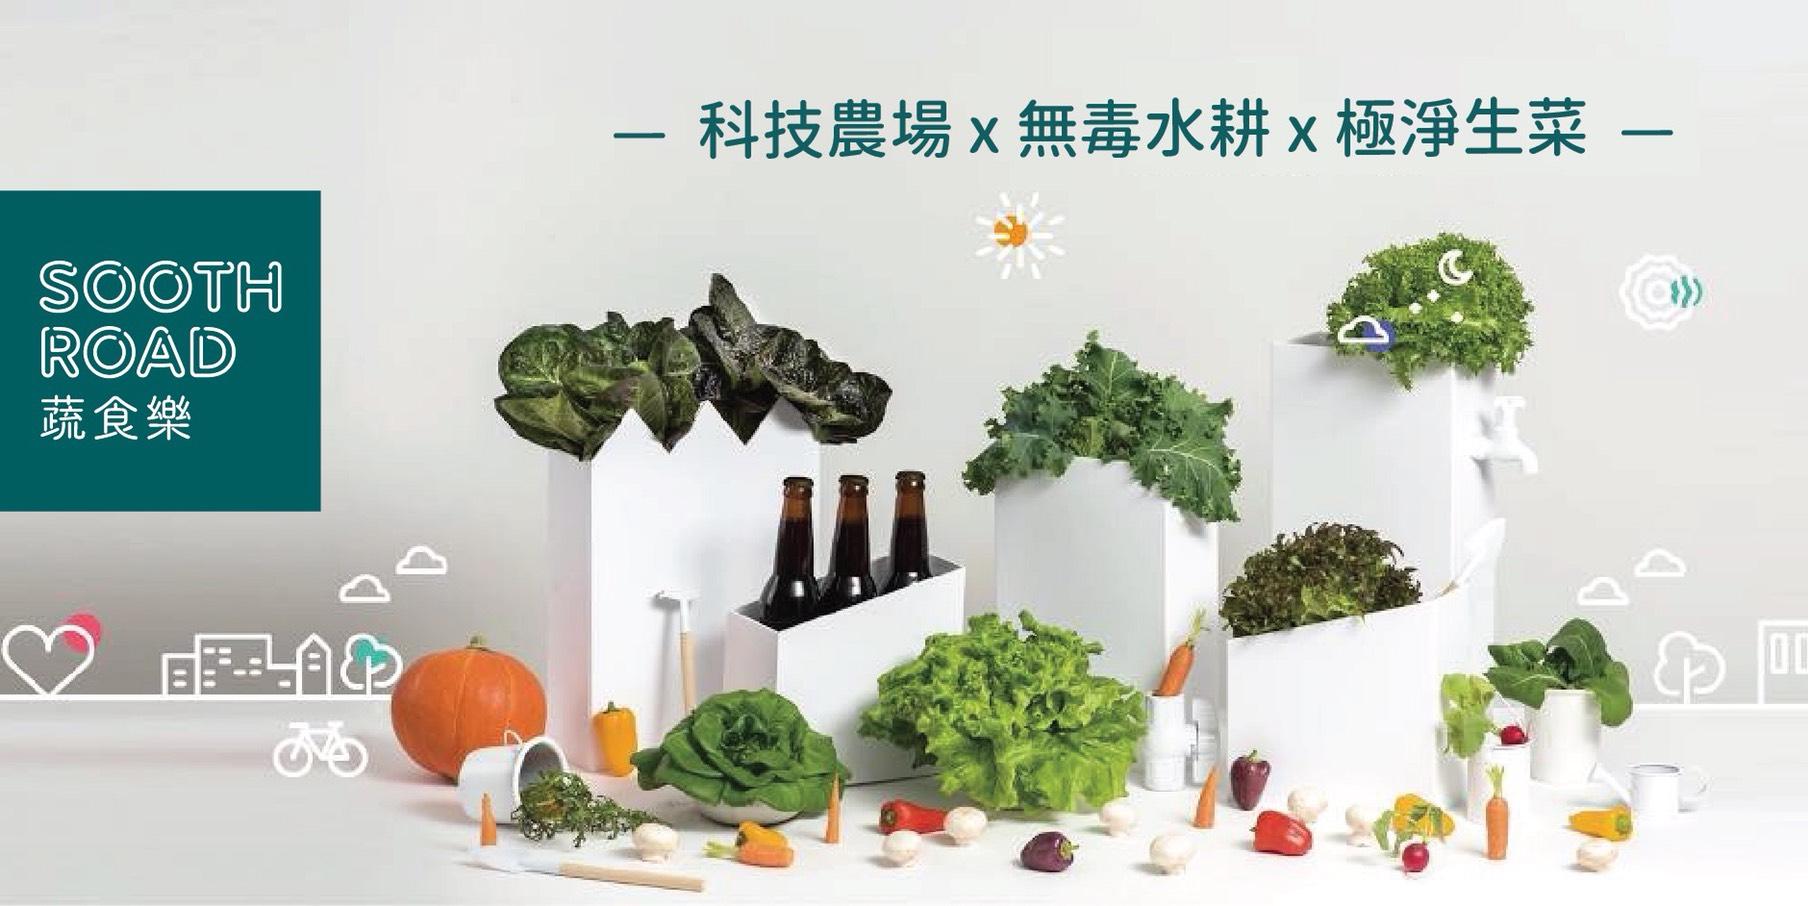 ▲防疫美食推薦-蔬食樂水耕蔬菜